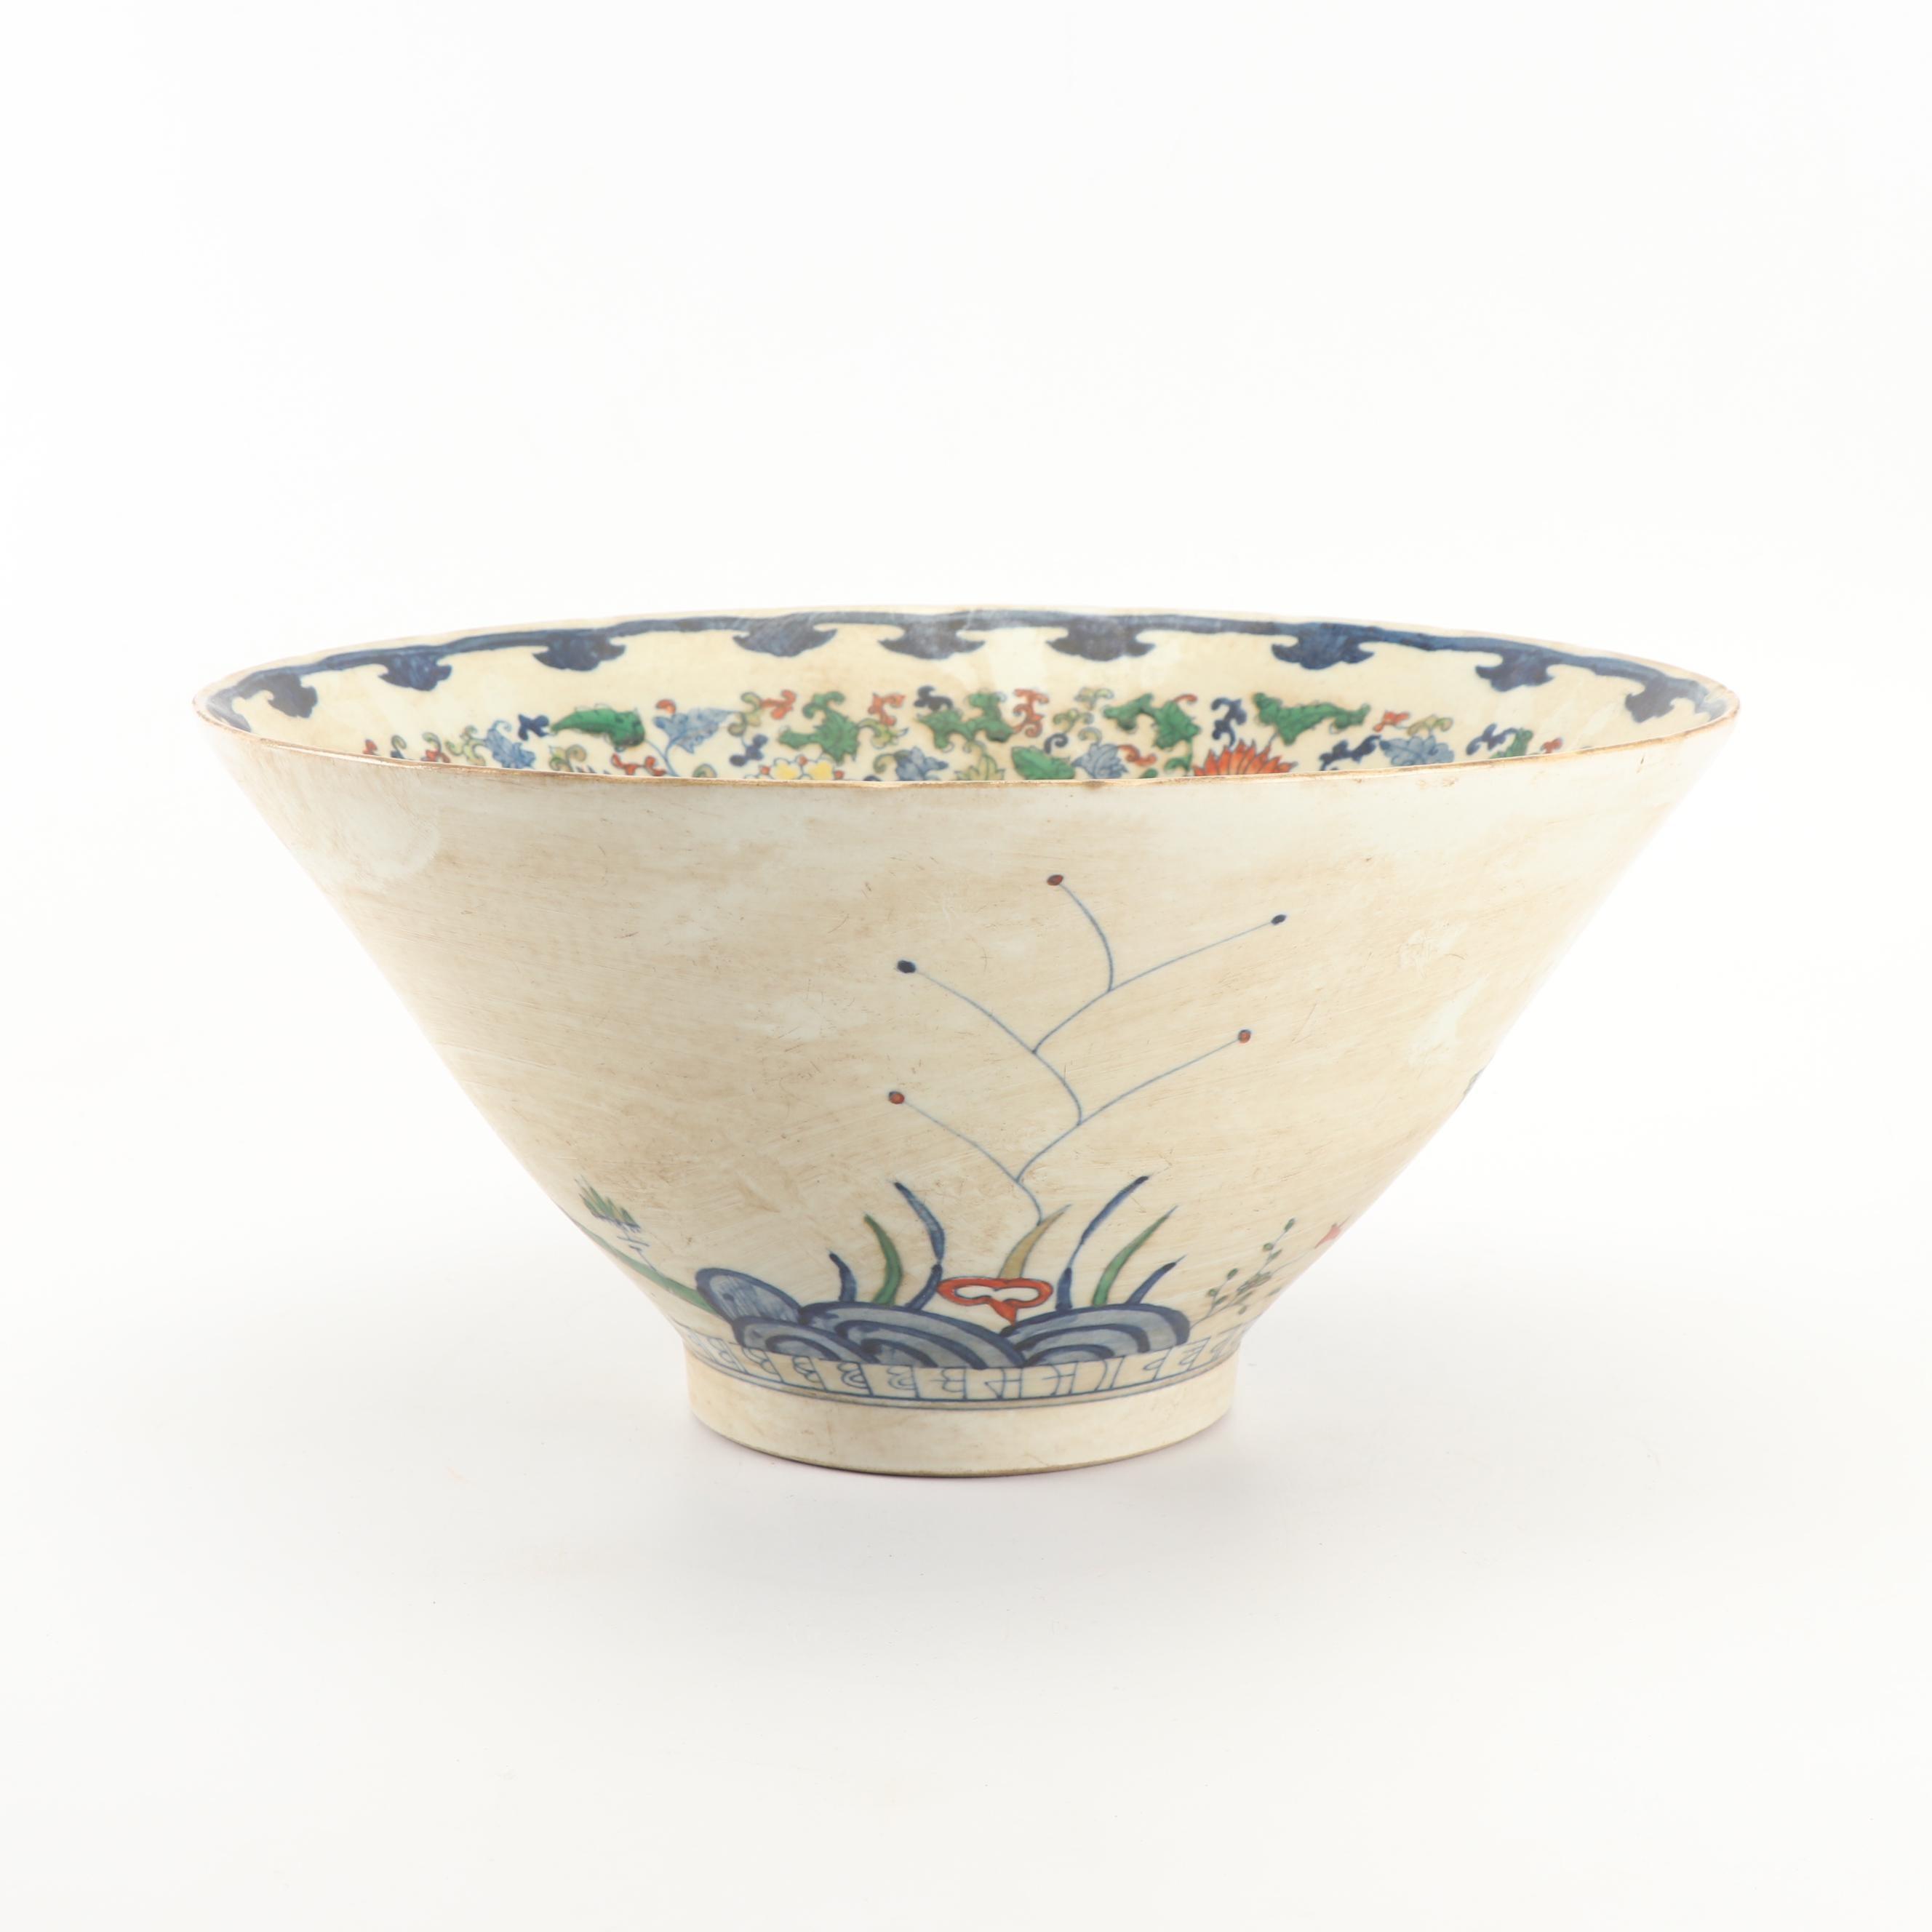 Chinese Hand-Embellished Porcelain Serving Bowl